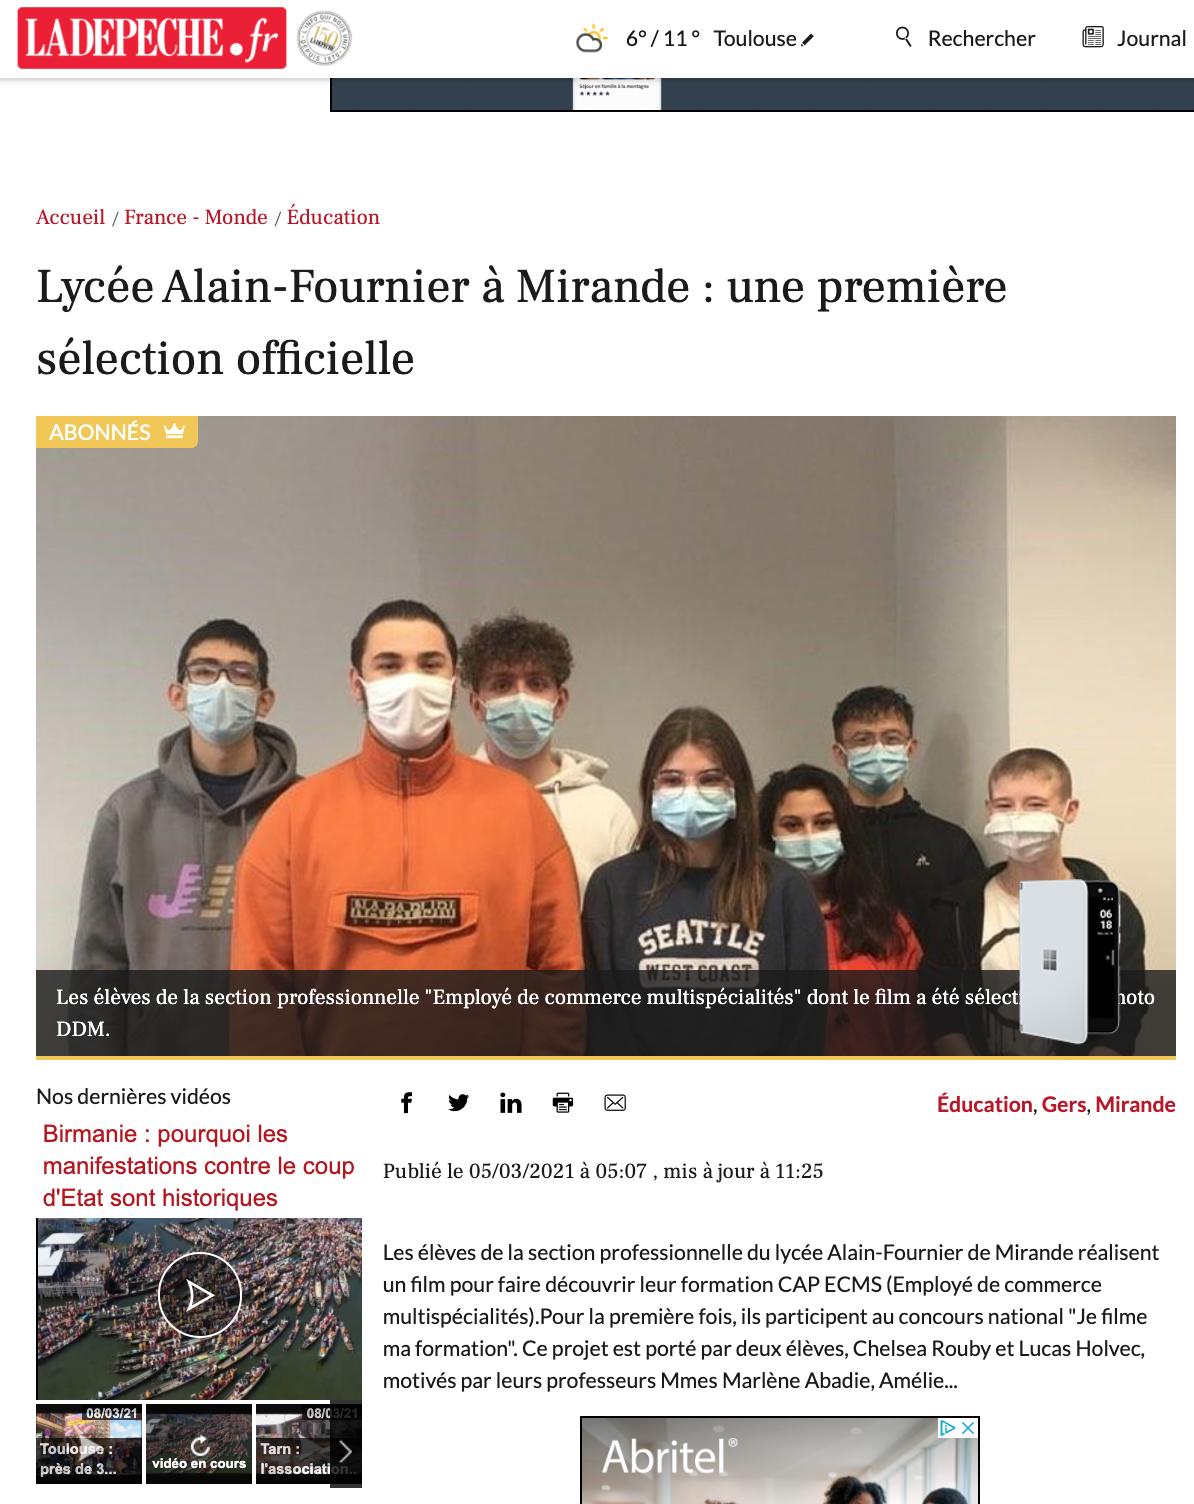 La Dépêche.fr - 05/03/2021